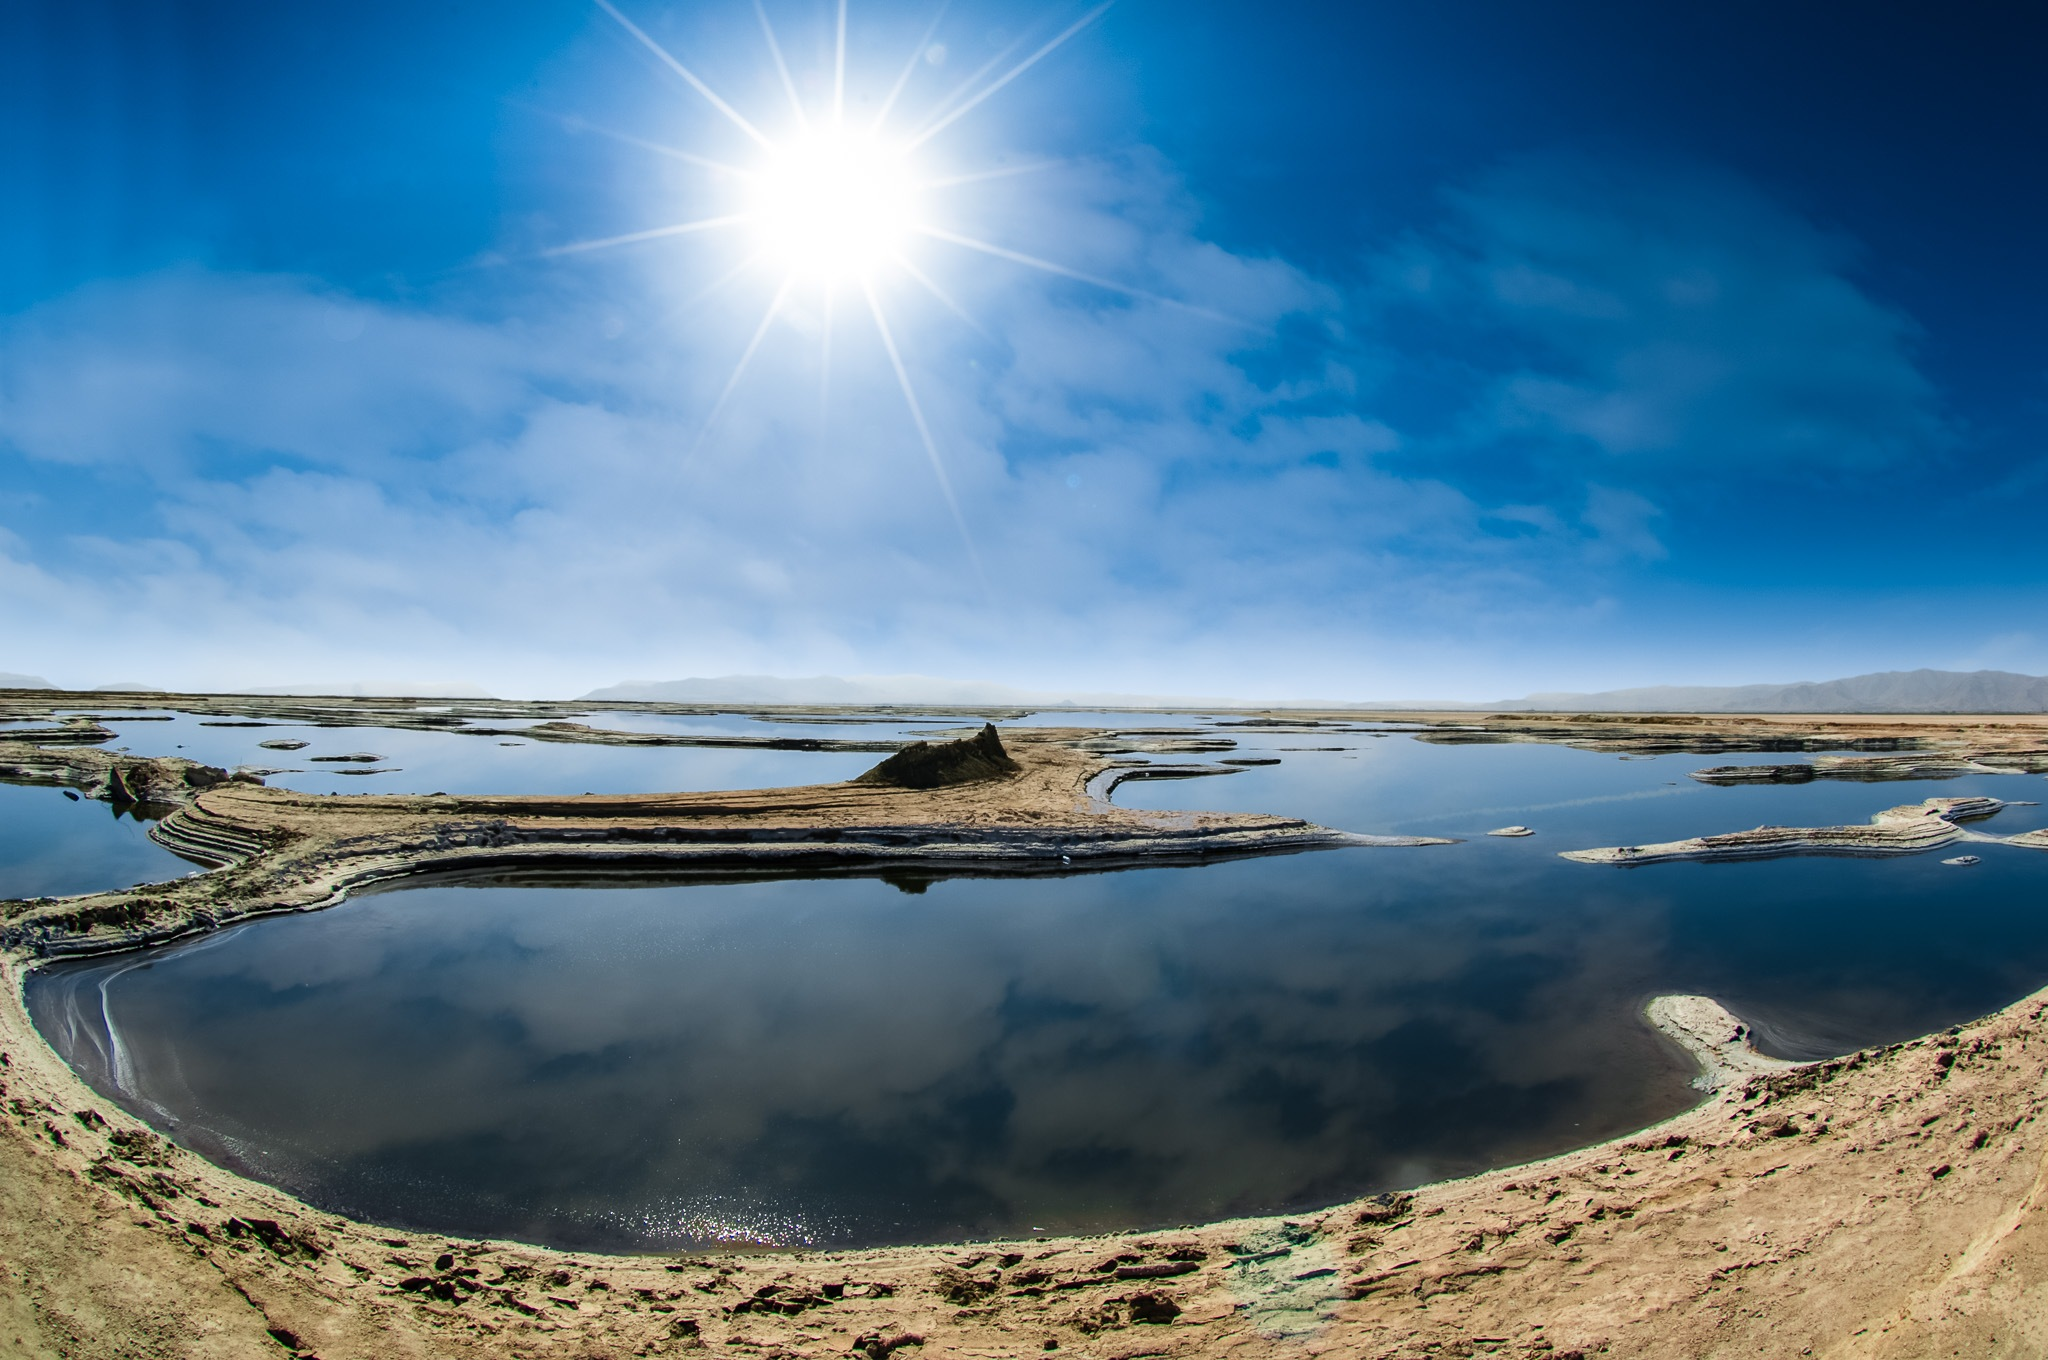 Thirsty Land by Mehrdad Bathaee